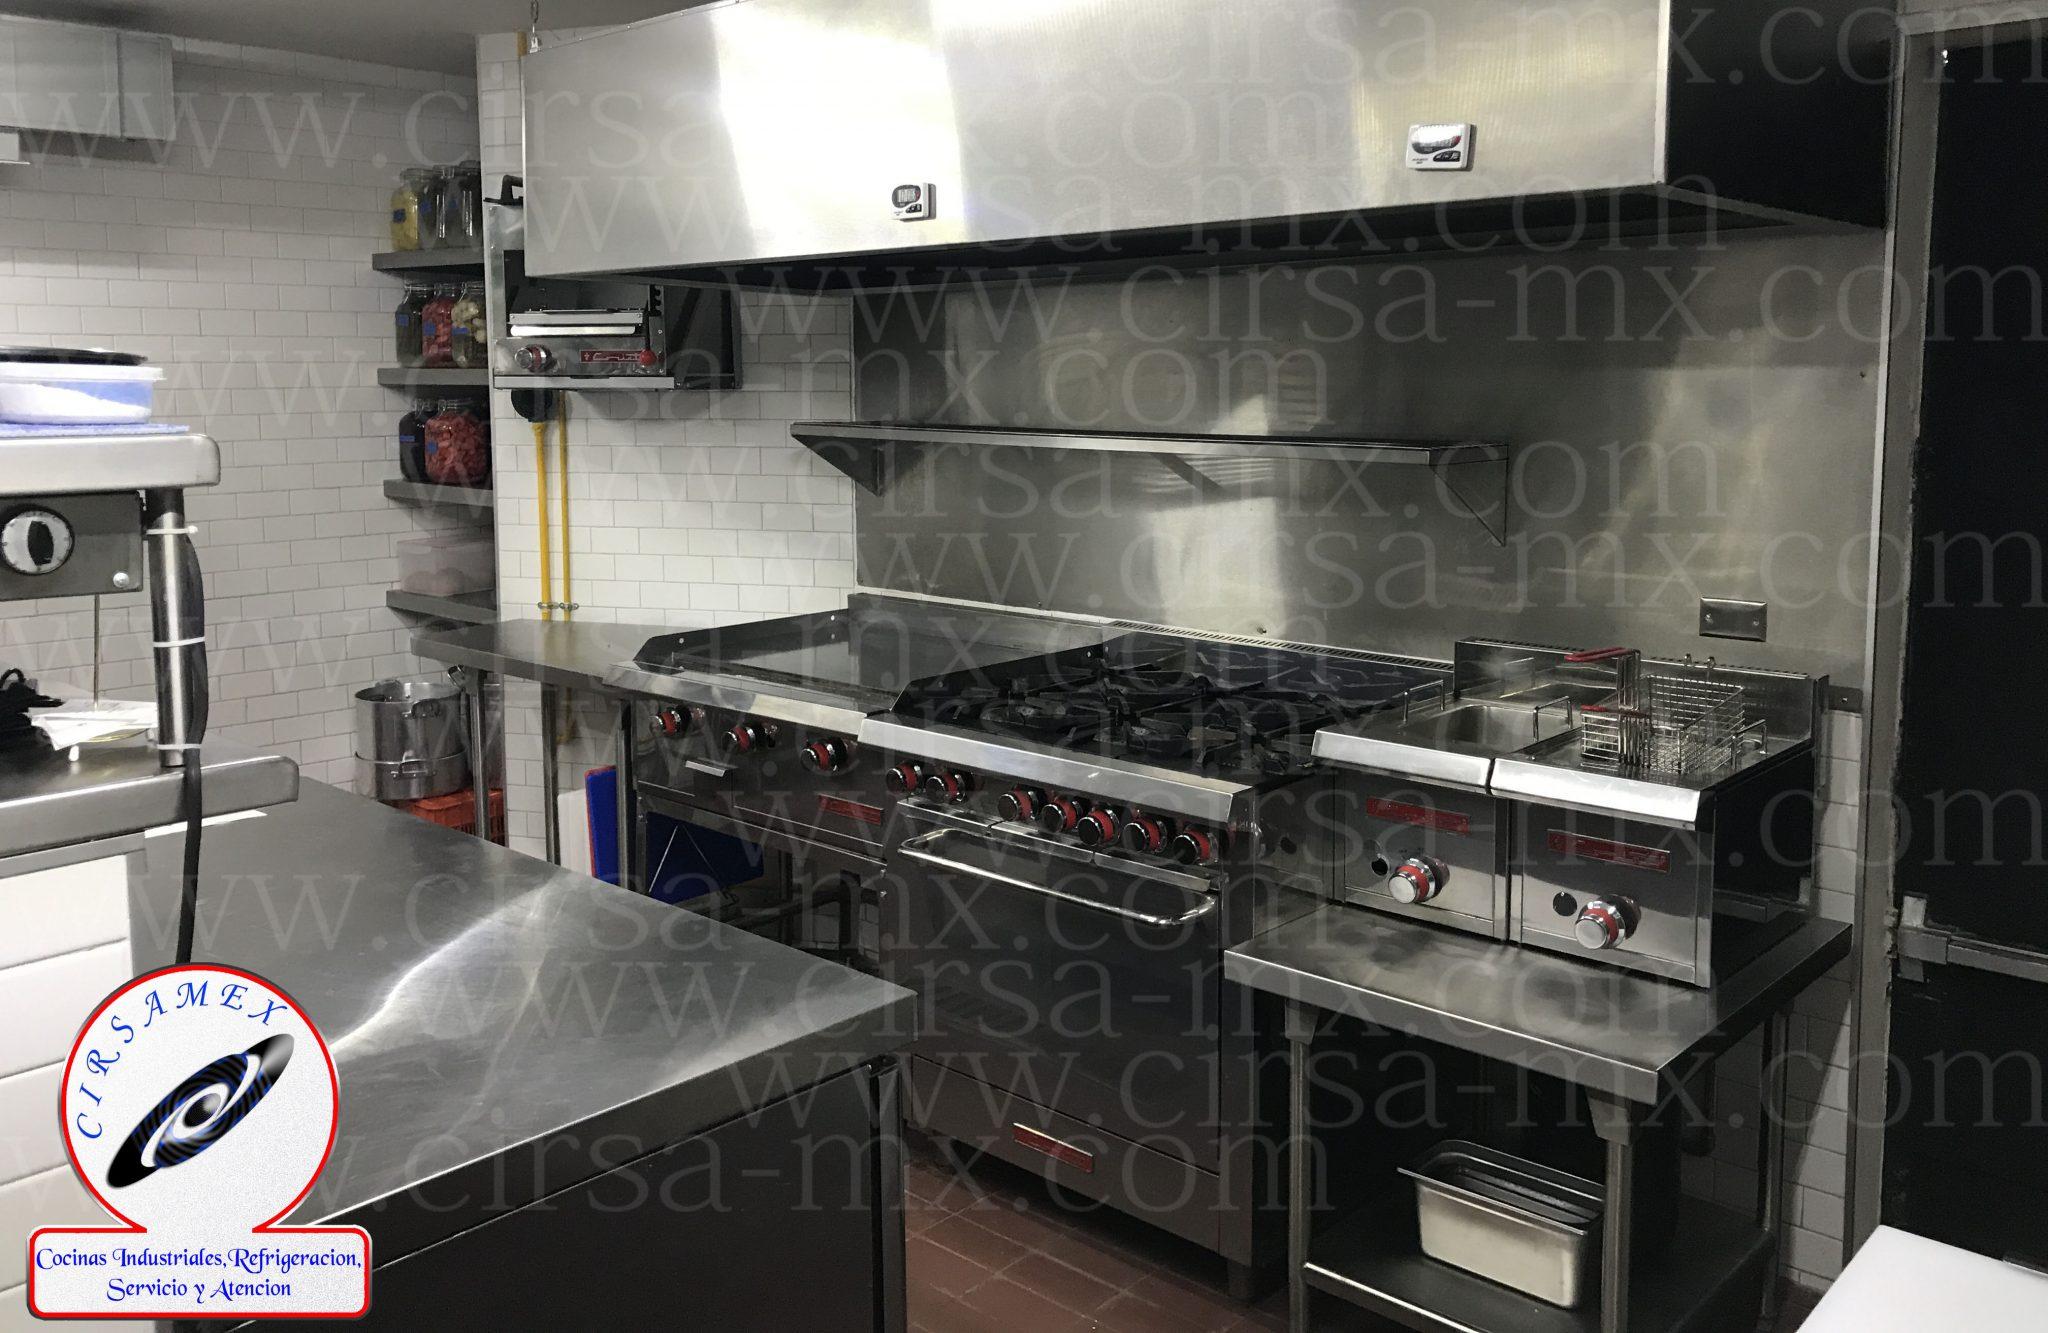 Cocinas industriales equipos para emprender o crecer tu for Cocinas y equipos